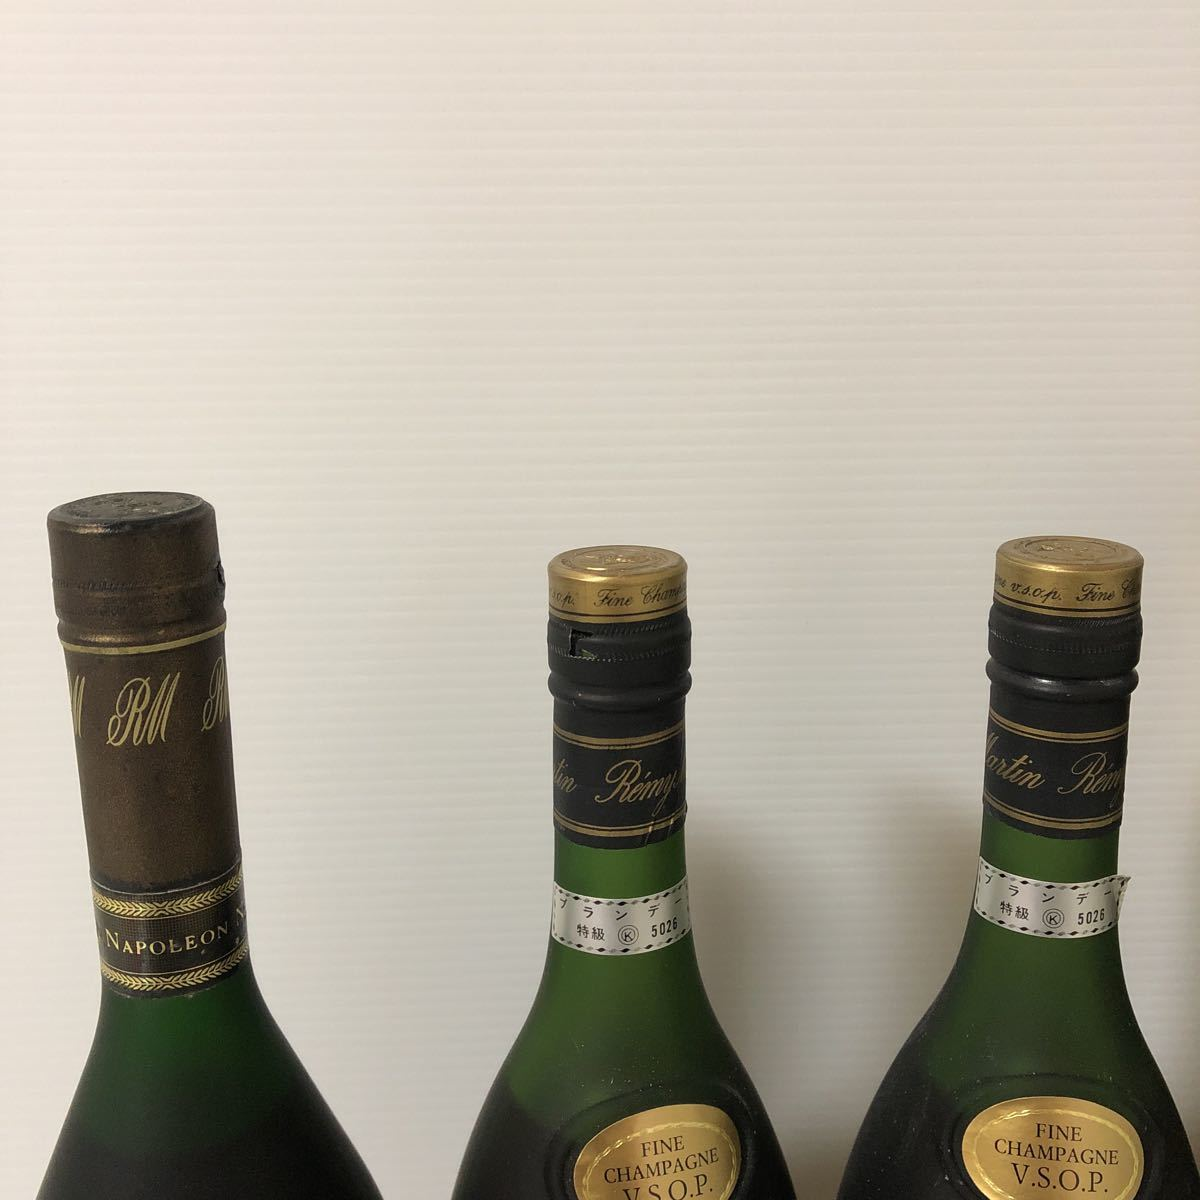 【古酒】REMY MARTIN レミーマルタン ナポレオン 未開栓 計3本セット_画像4